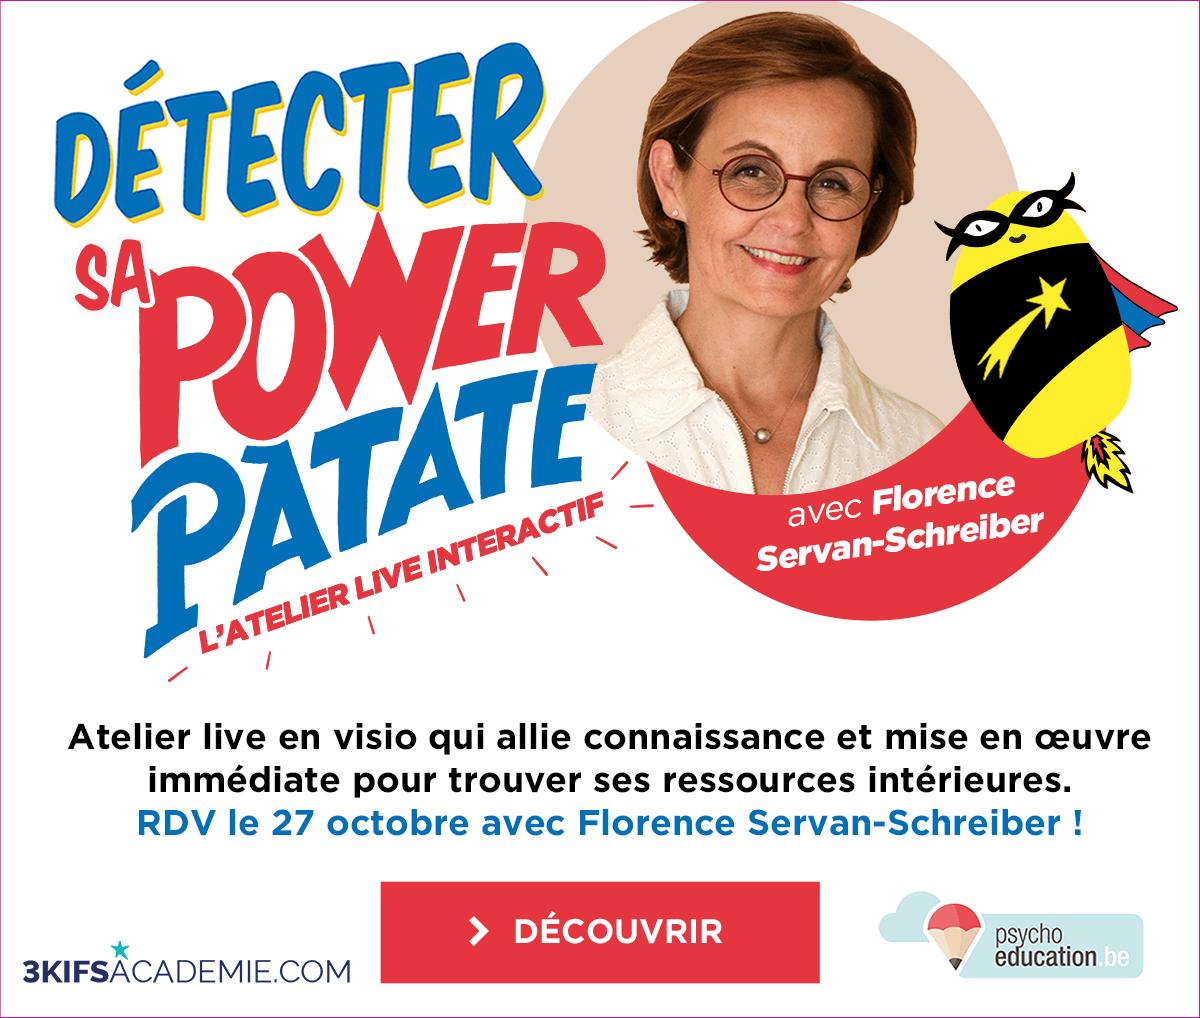 DÉTECTER SA POWER PATATE – L'ATELIER LIVE INTERACTIF